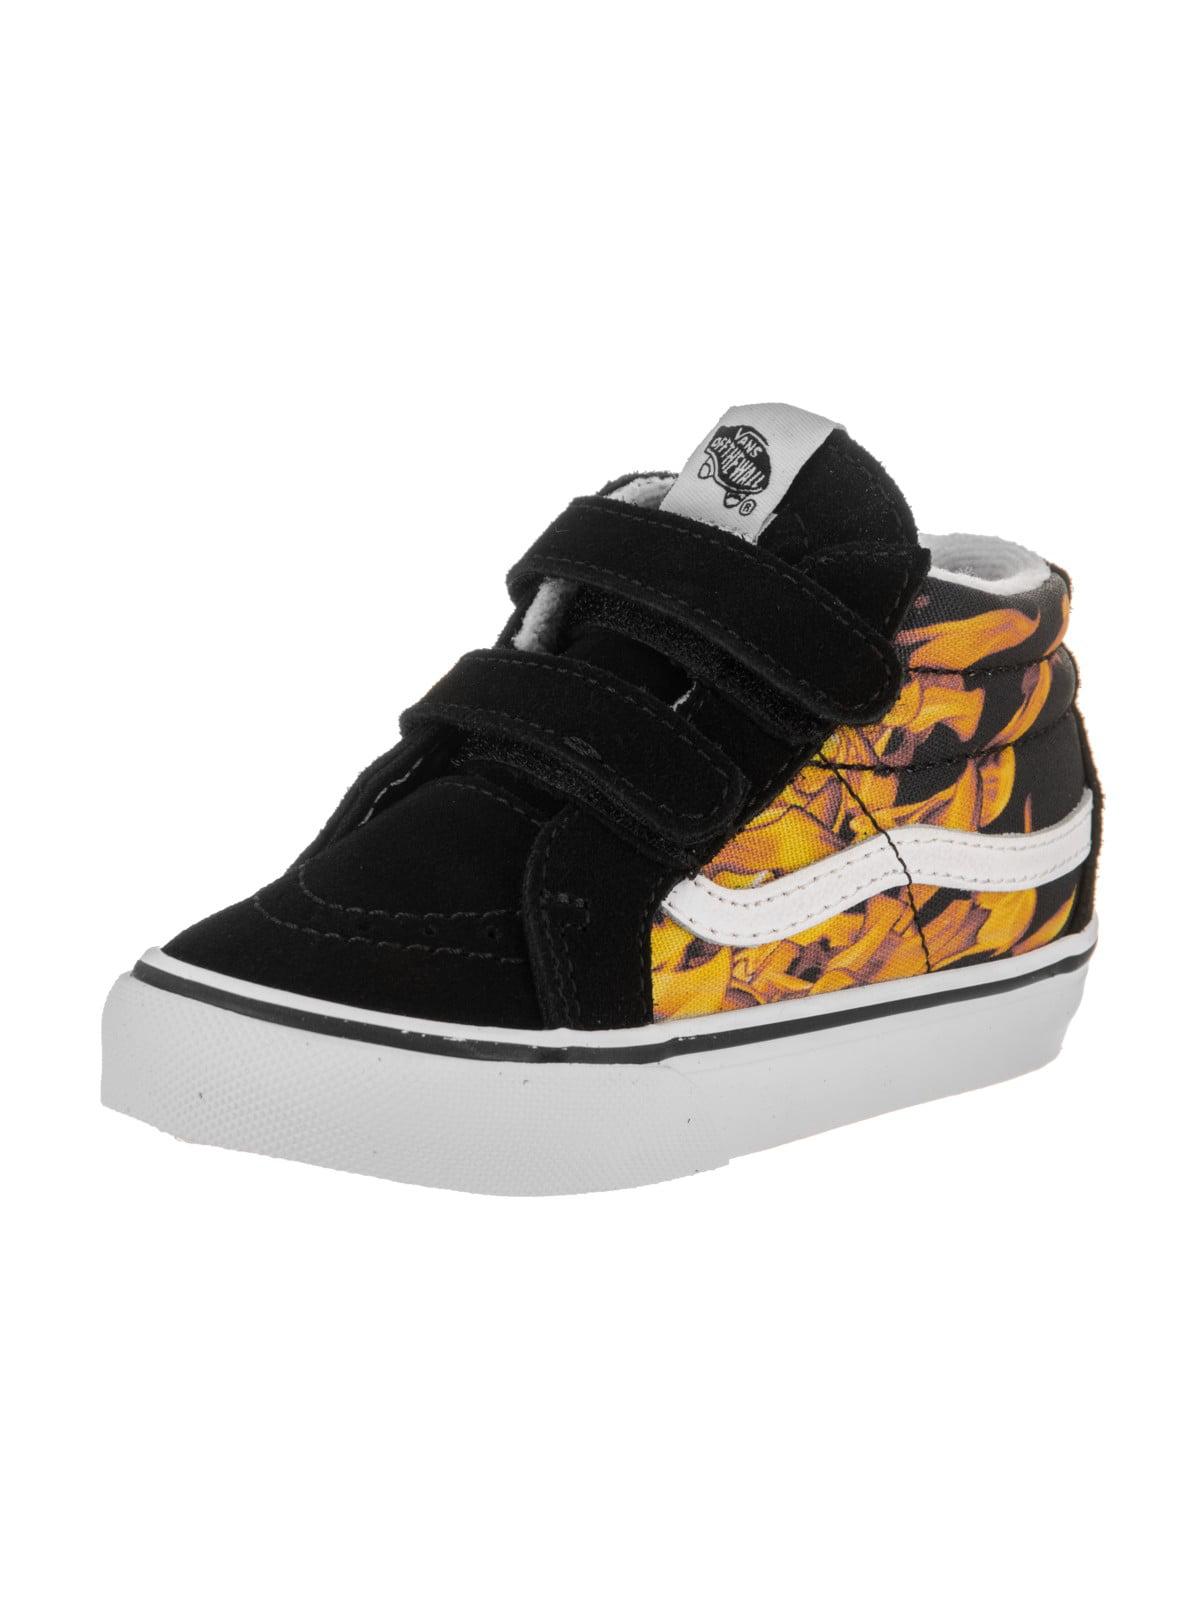 52aa909dd6 Vans Toddlers Sk8-Mid Reissue V (Digi Flame) Skate Shoe - Walmart.com